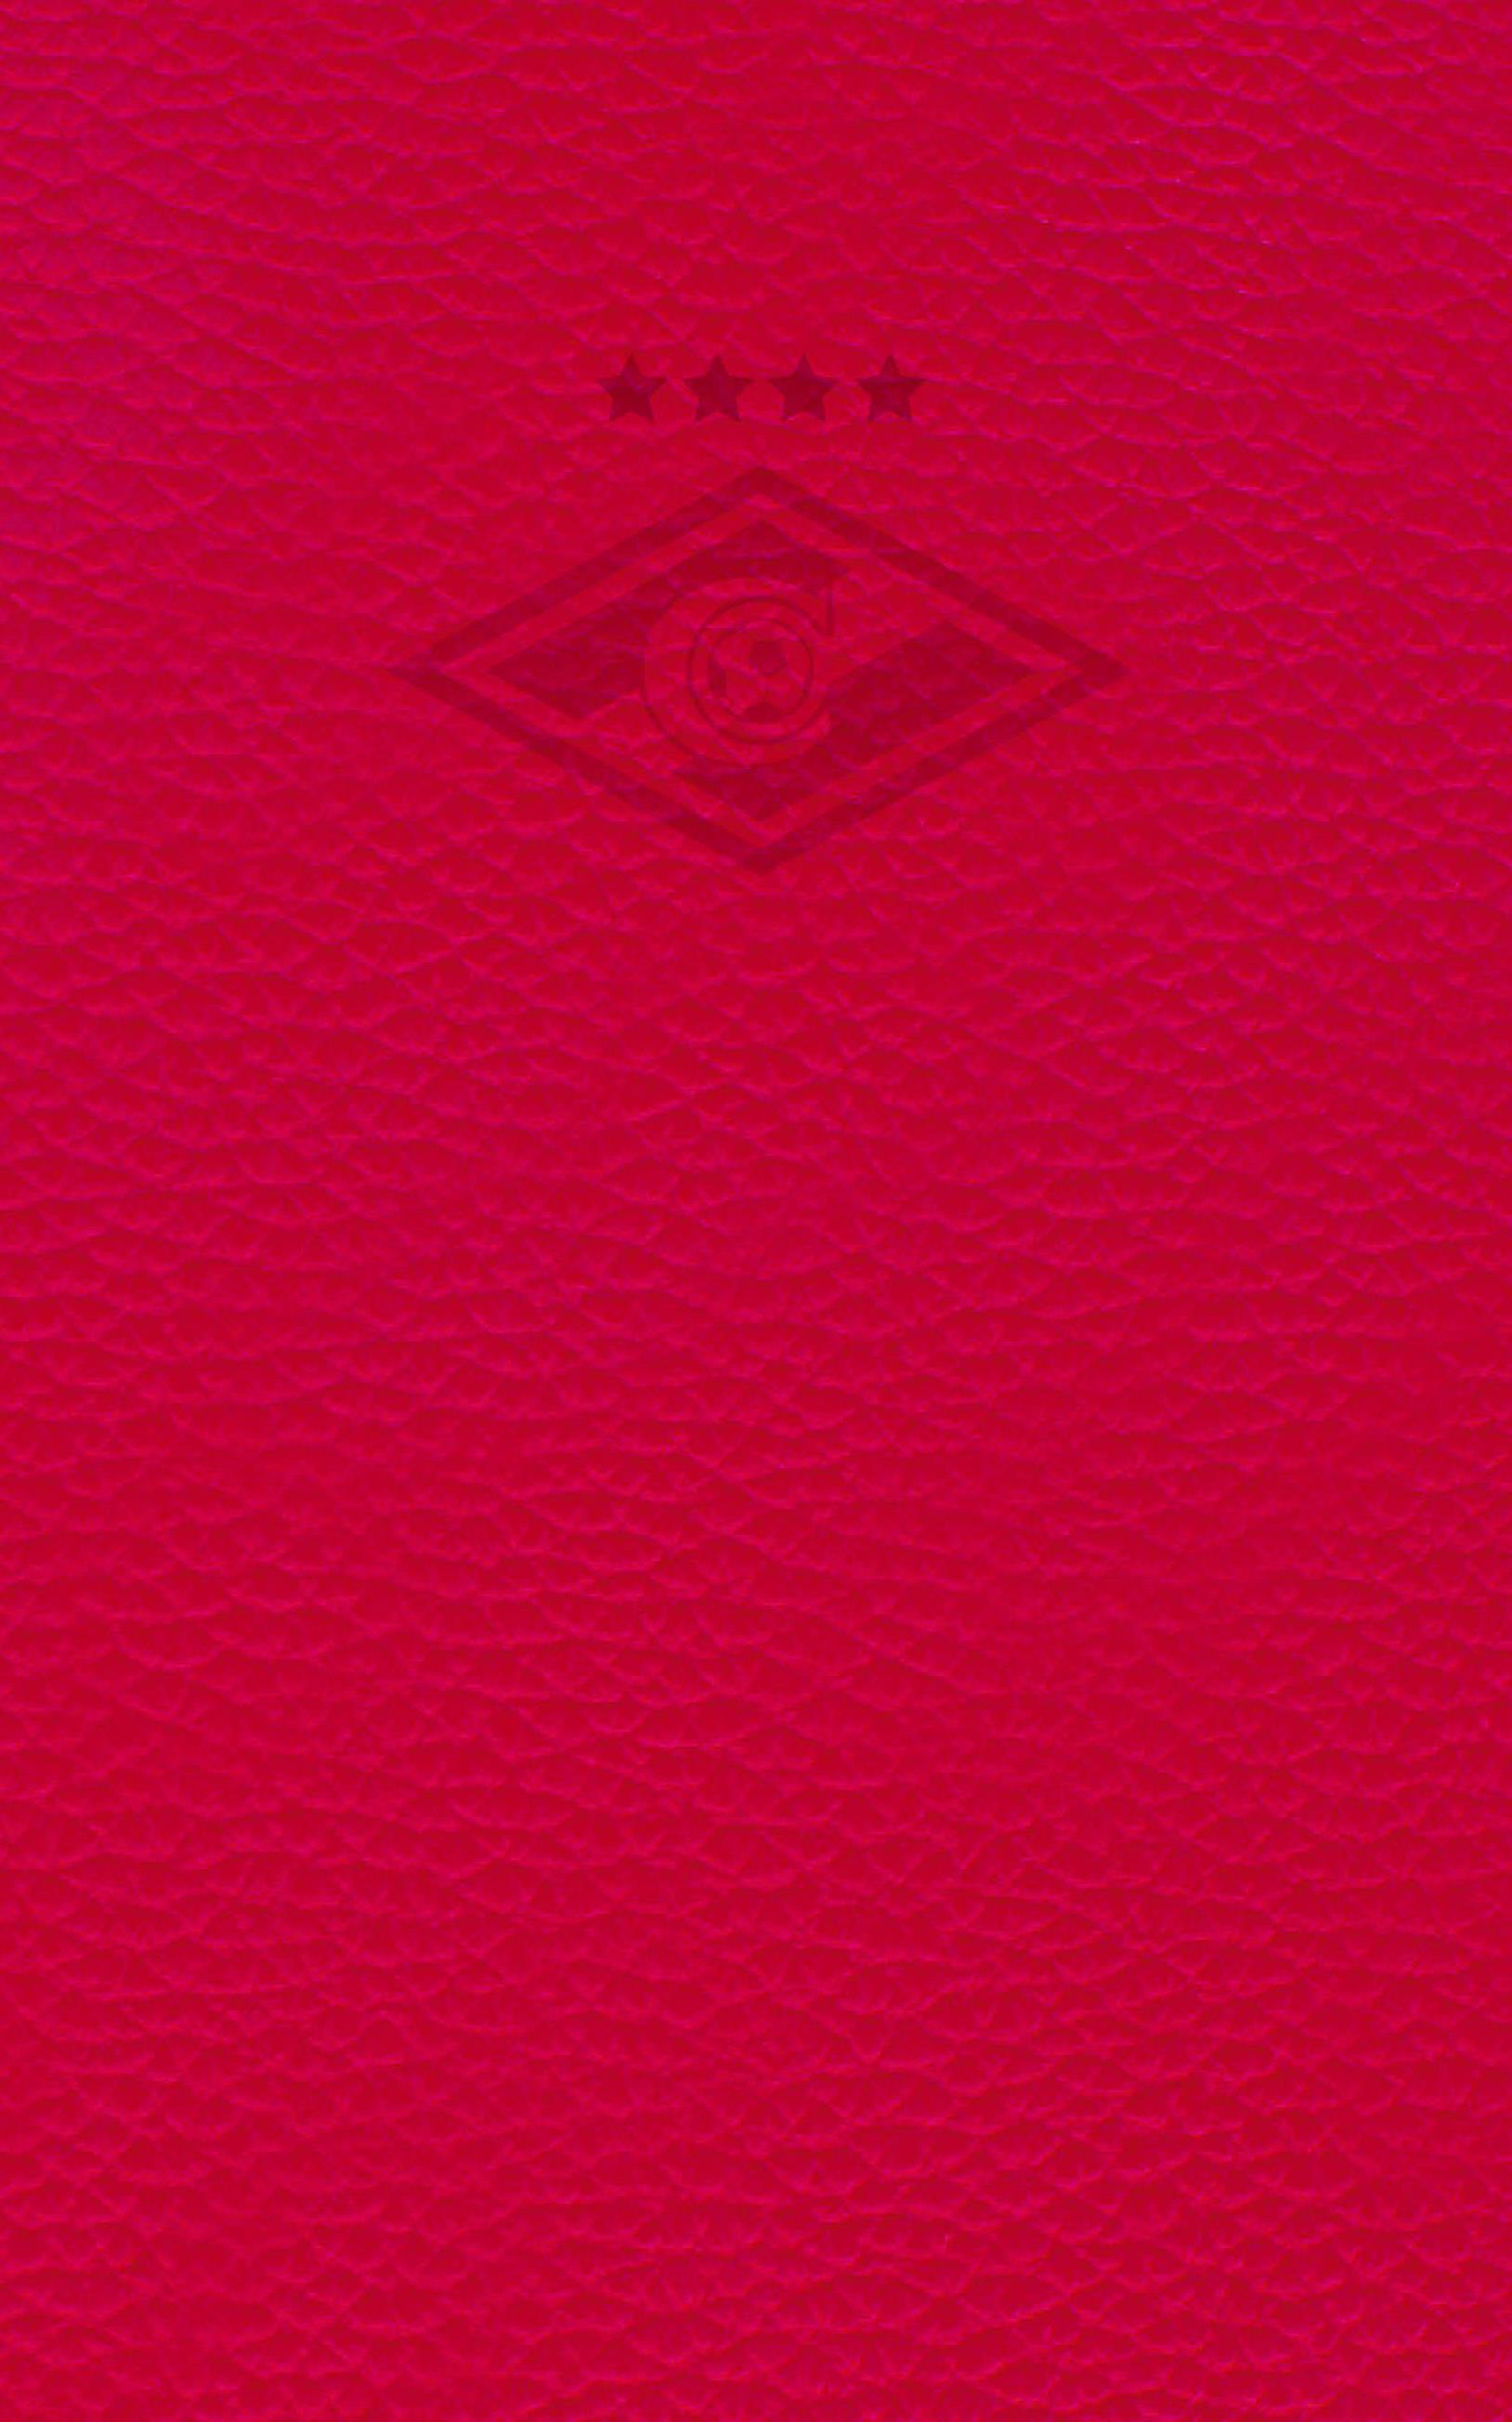 Спартак  КРАСНАЯ КОЖА (блокнот) (твердый переплет, 136x218)